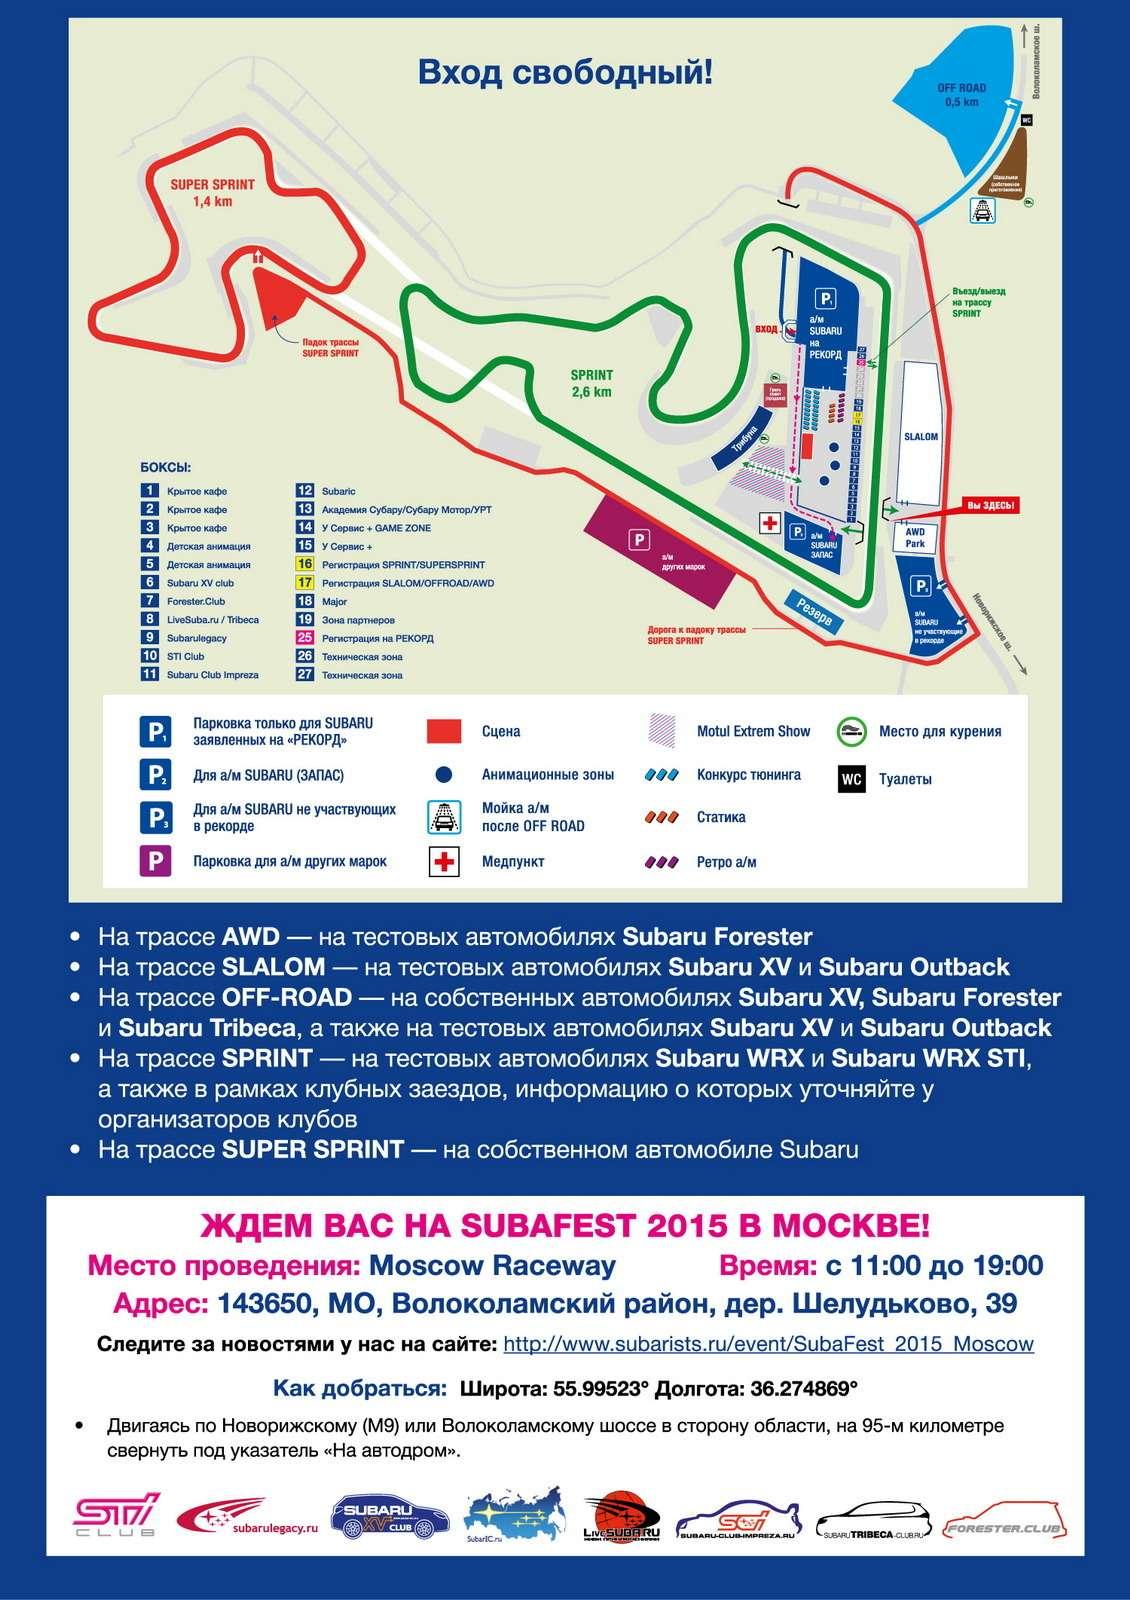 Схема фестиваля SubaFest'15(Москва)_новый размер